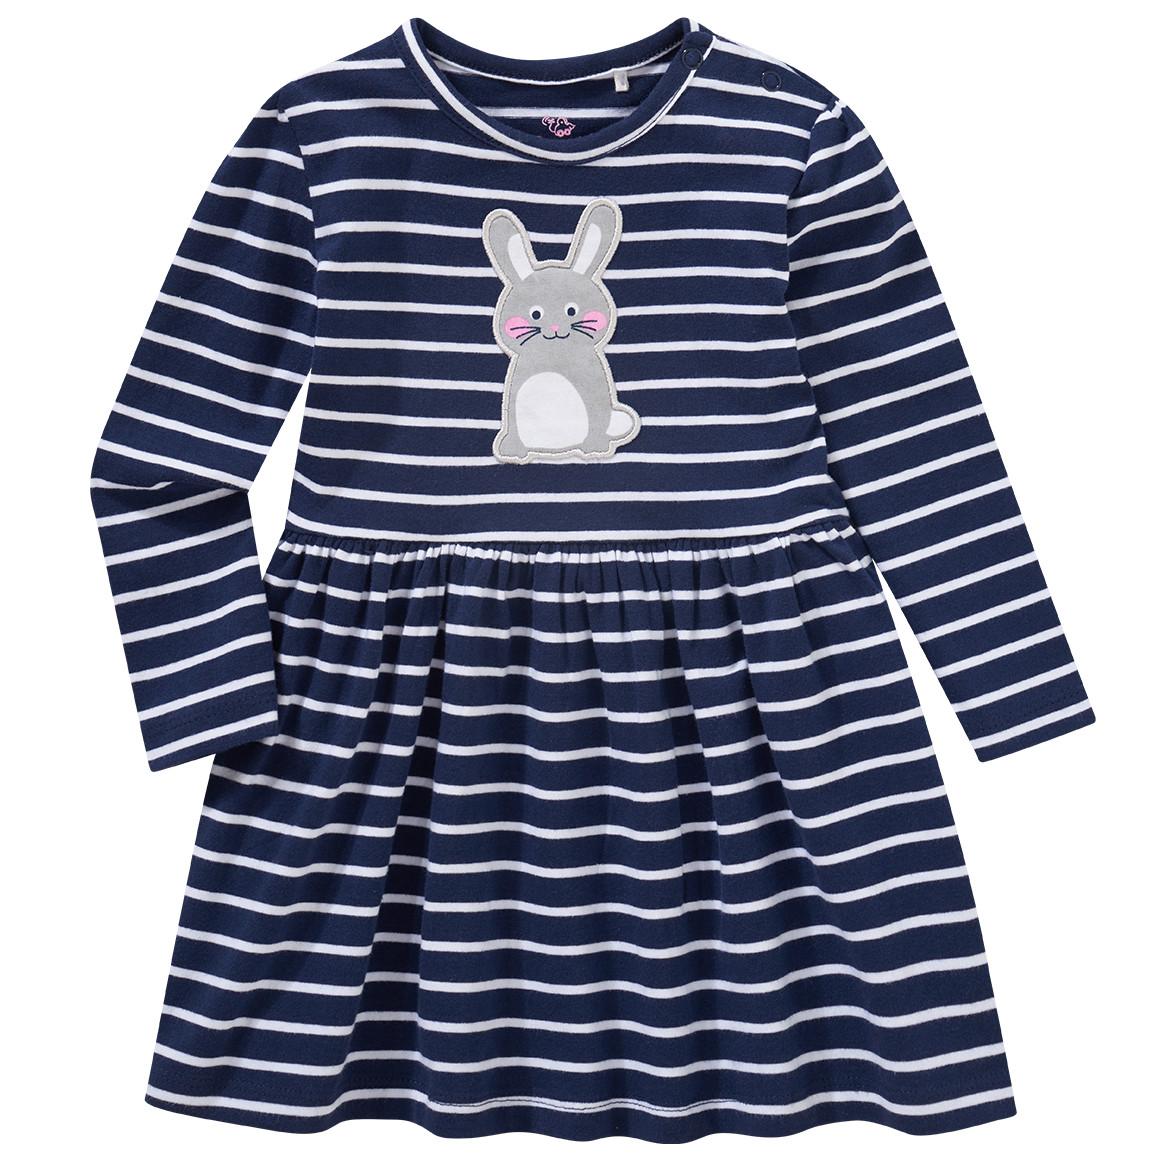 Babykleiderroecke - Baby Kleid mit Hasen Applikation - Onlineshop Ernstings family